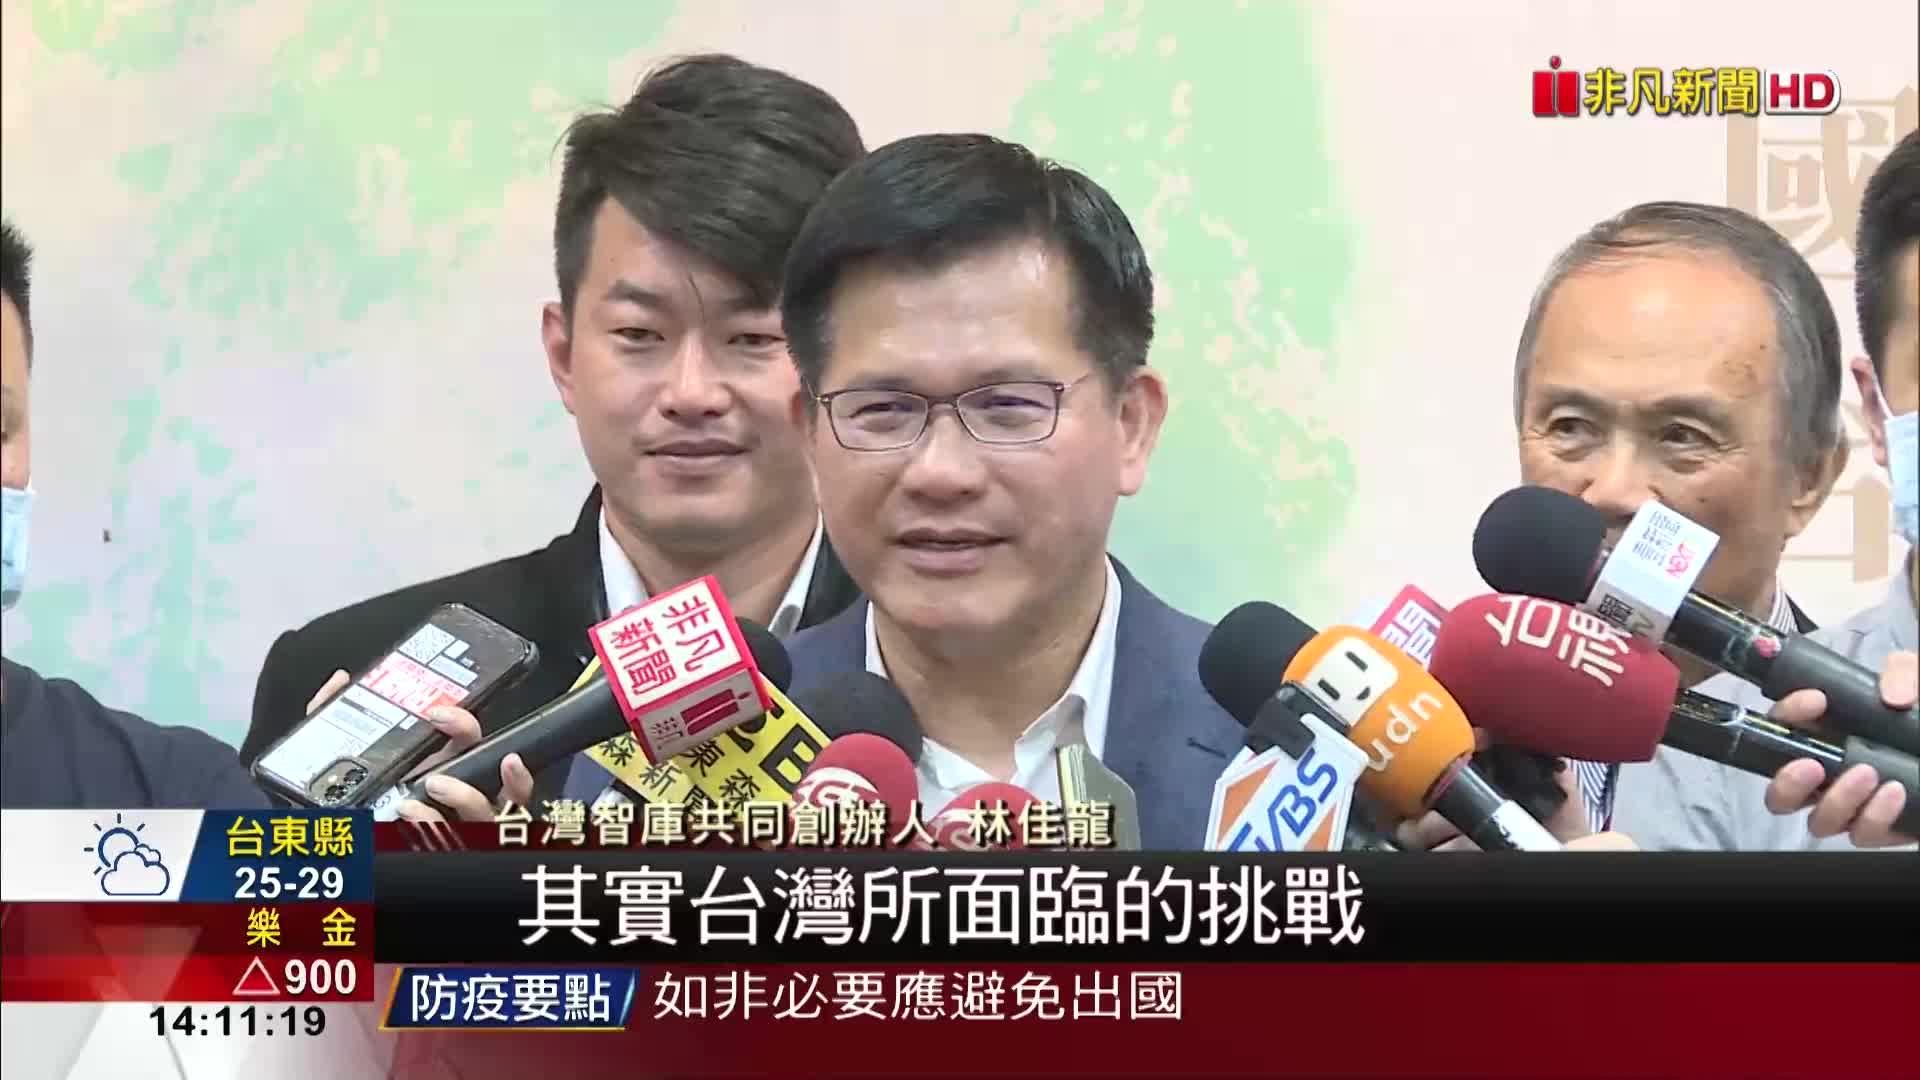 威權台灣走向民主 林佳龍談李登輝學